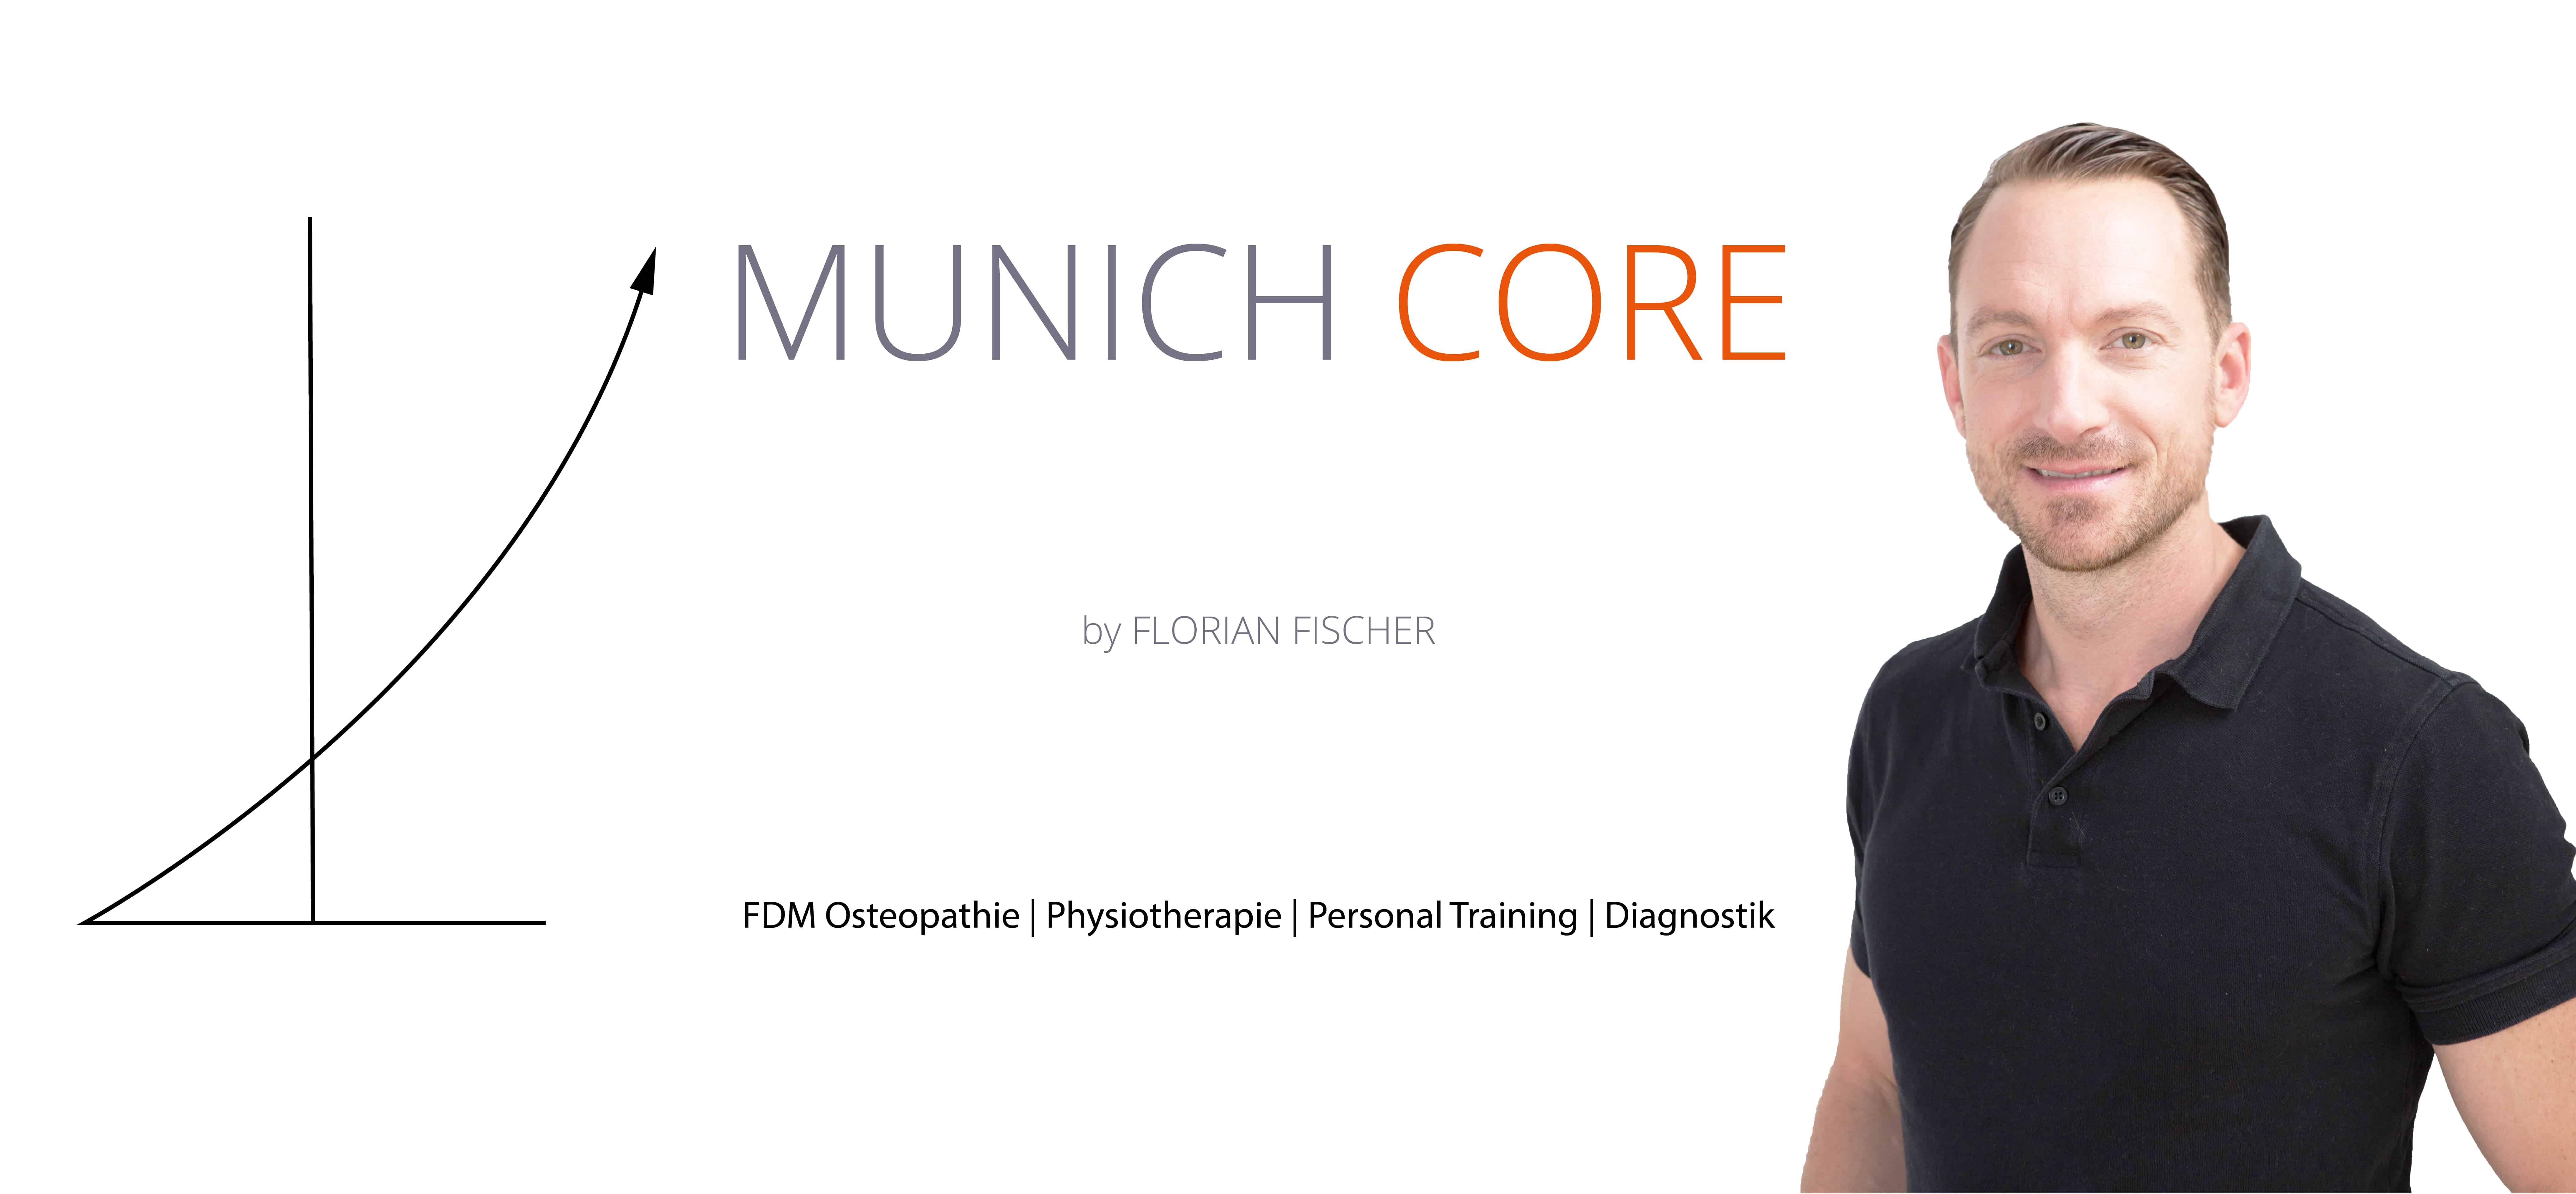 Startseite MUNICH CORE - Praxis für FDM Osteopathie, Physiotherapie, Leistungsdiagnostik, Sporttherapie, Naturheilkunde